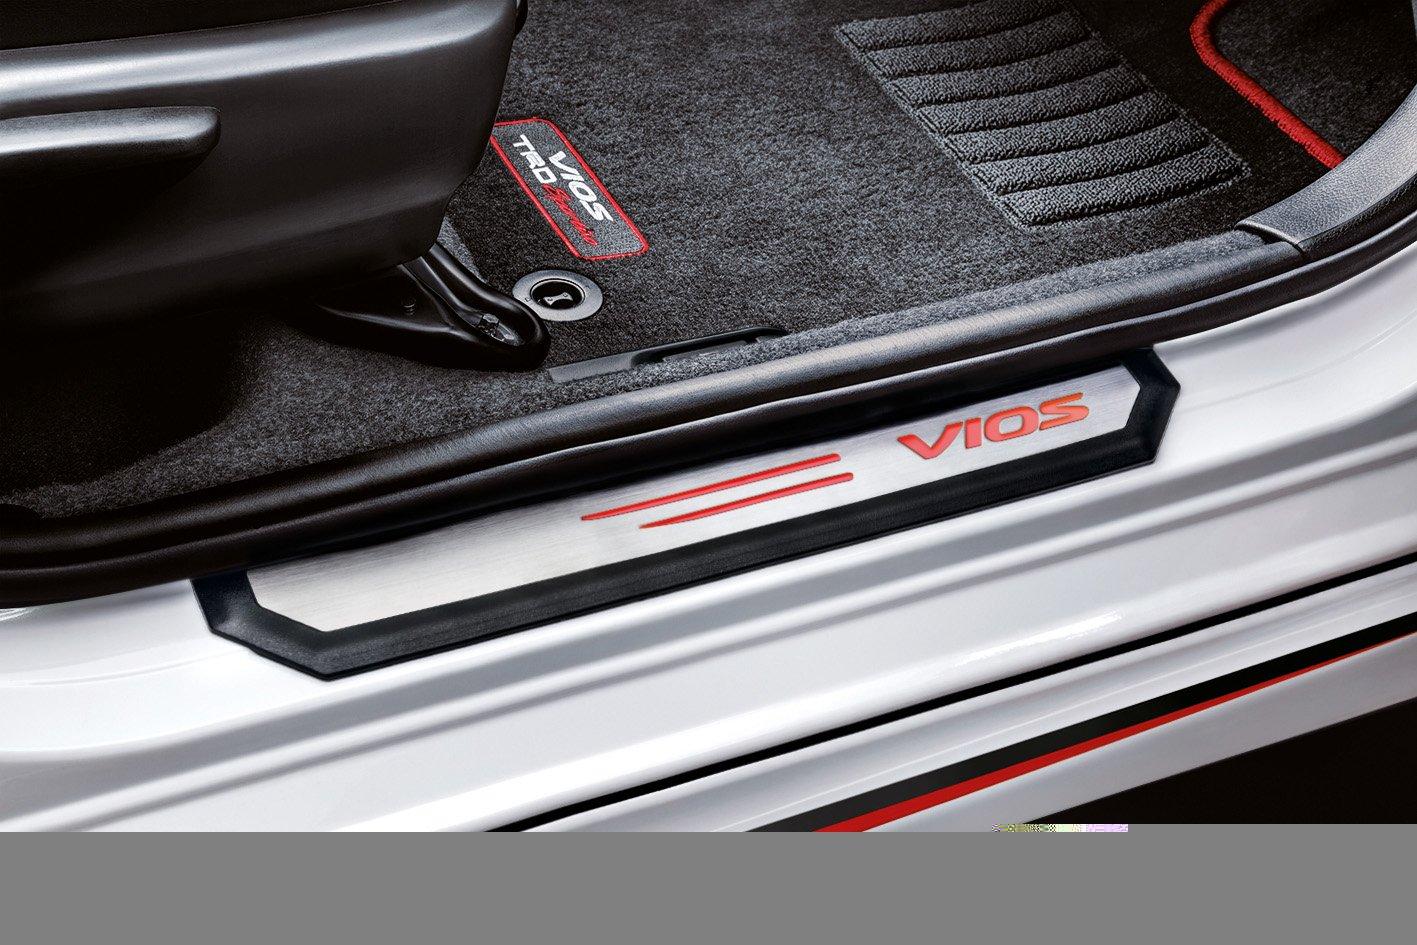 Toyota Vios dipertingkat untuk 2018 – rekaan bodykit baru, dibuka untuk tempahan, harga dari RM74,980 Image #756697